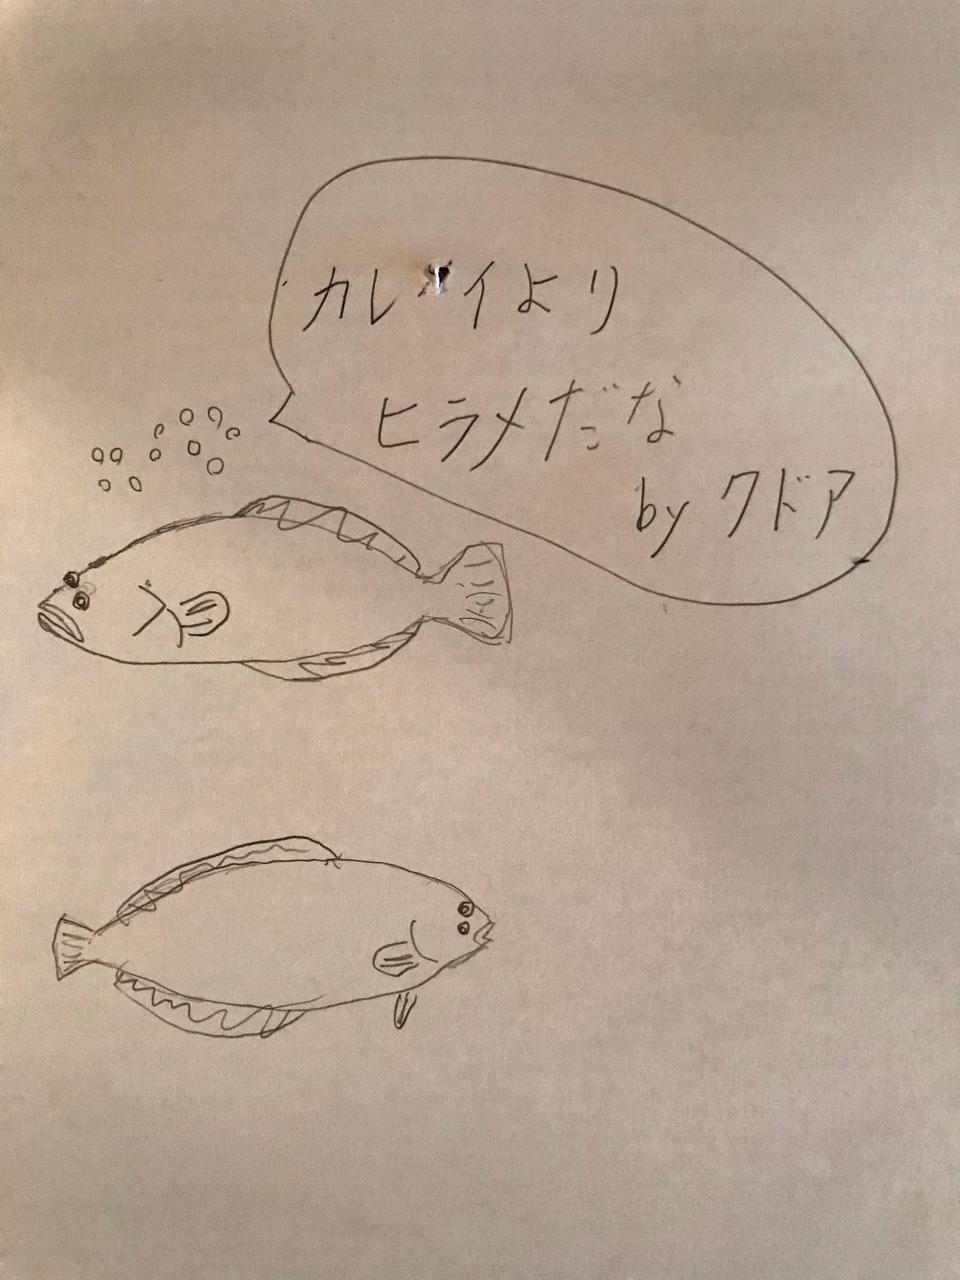 虫 魚 寄生